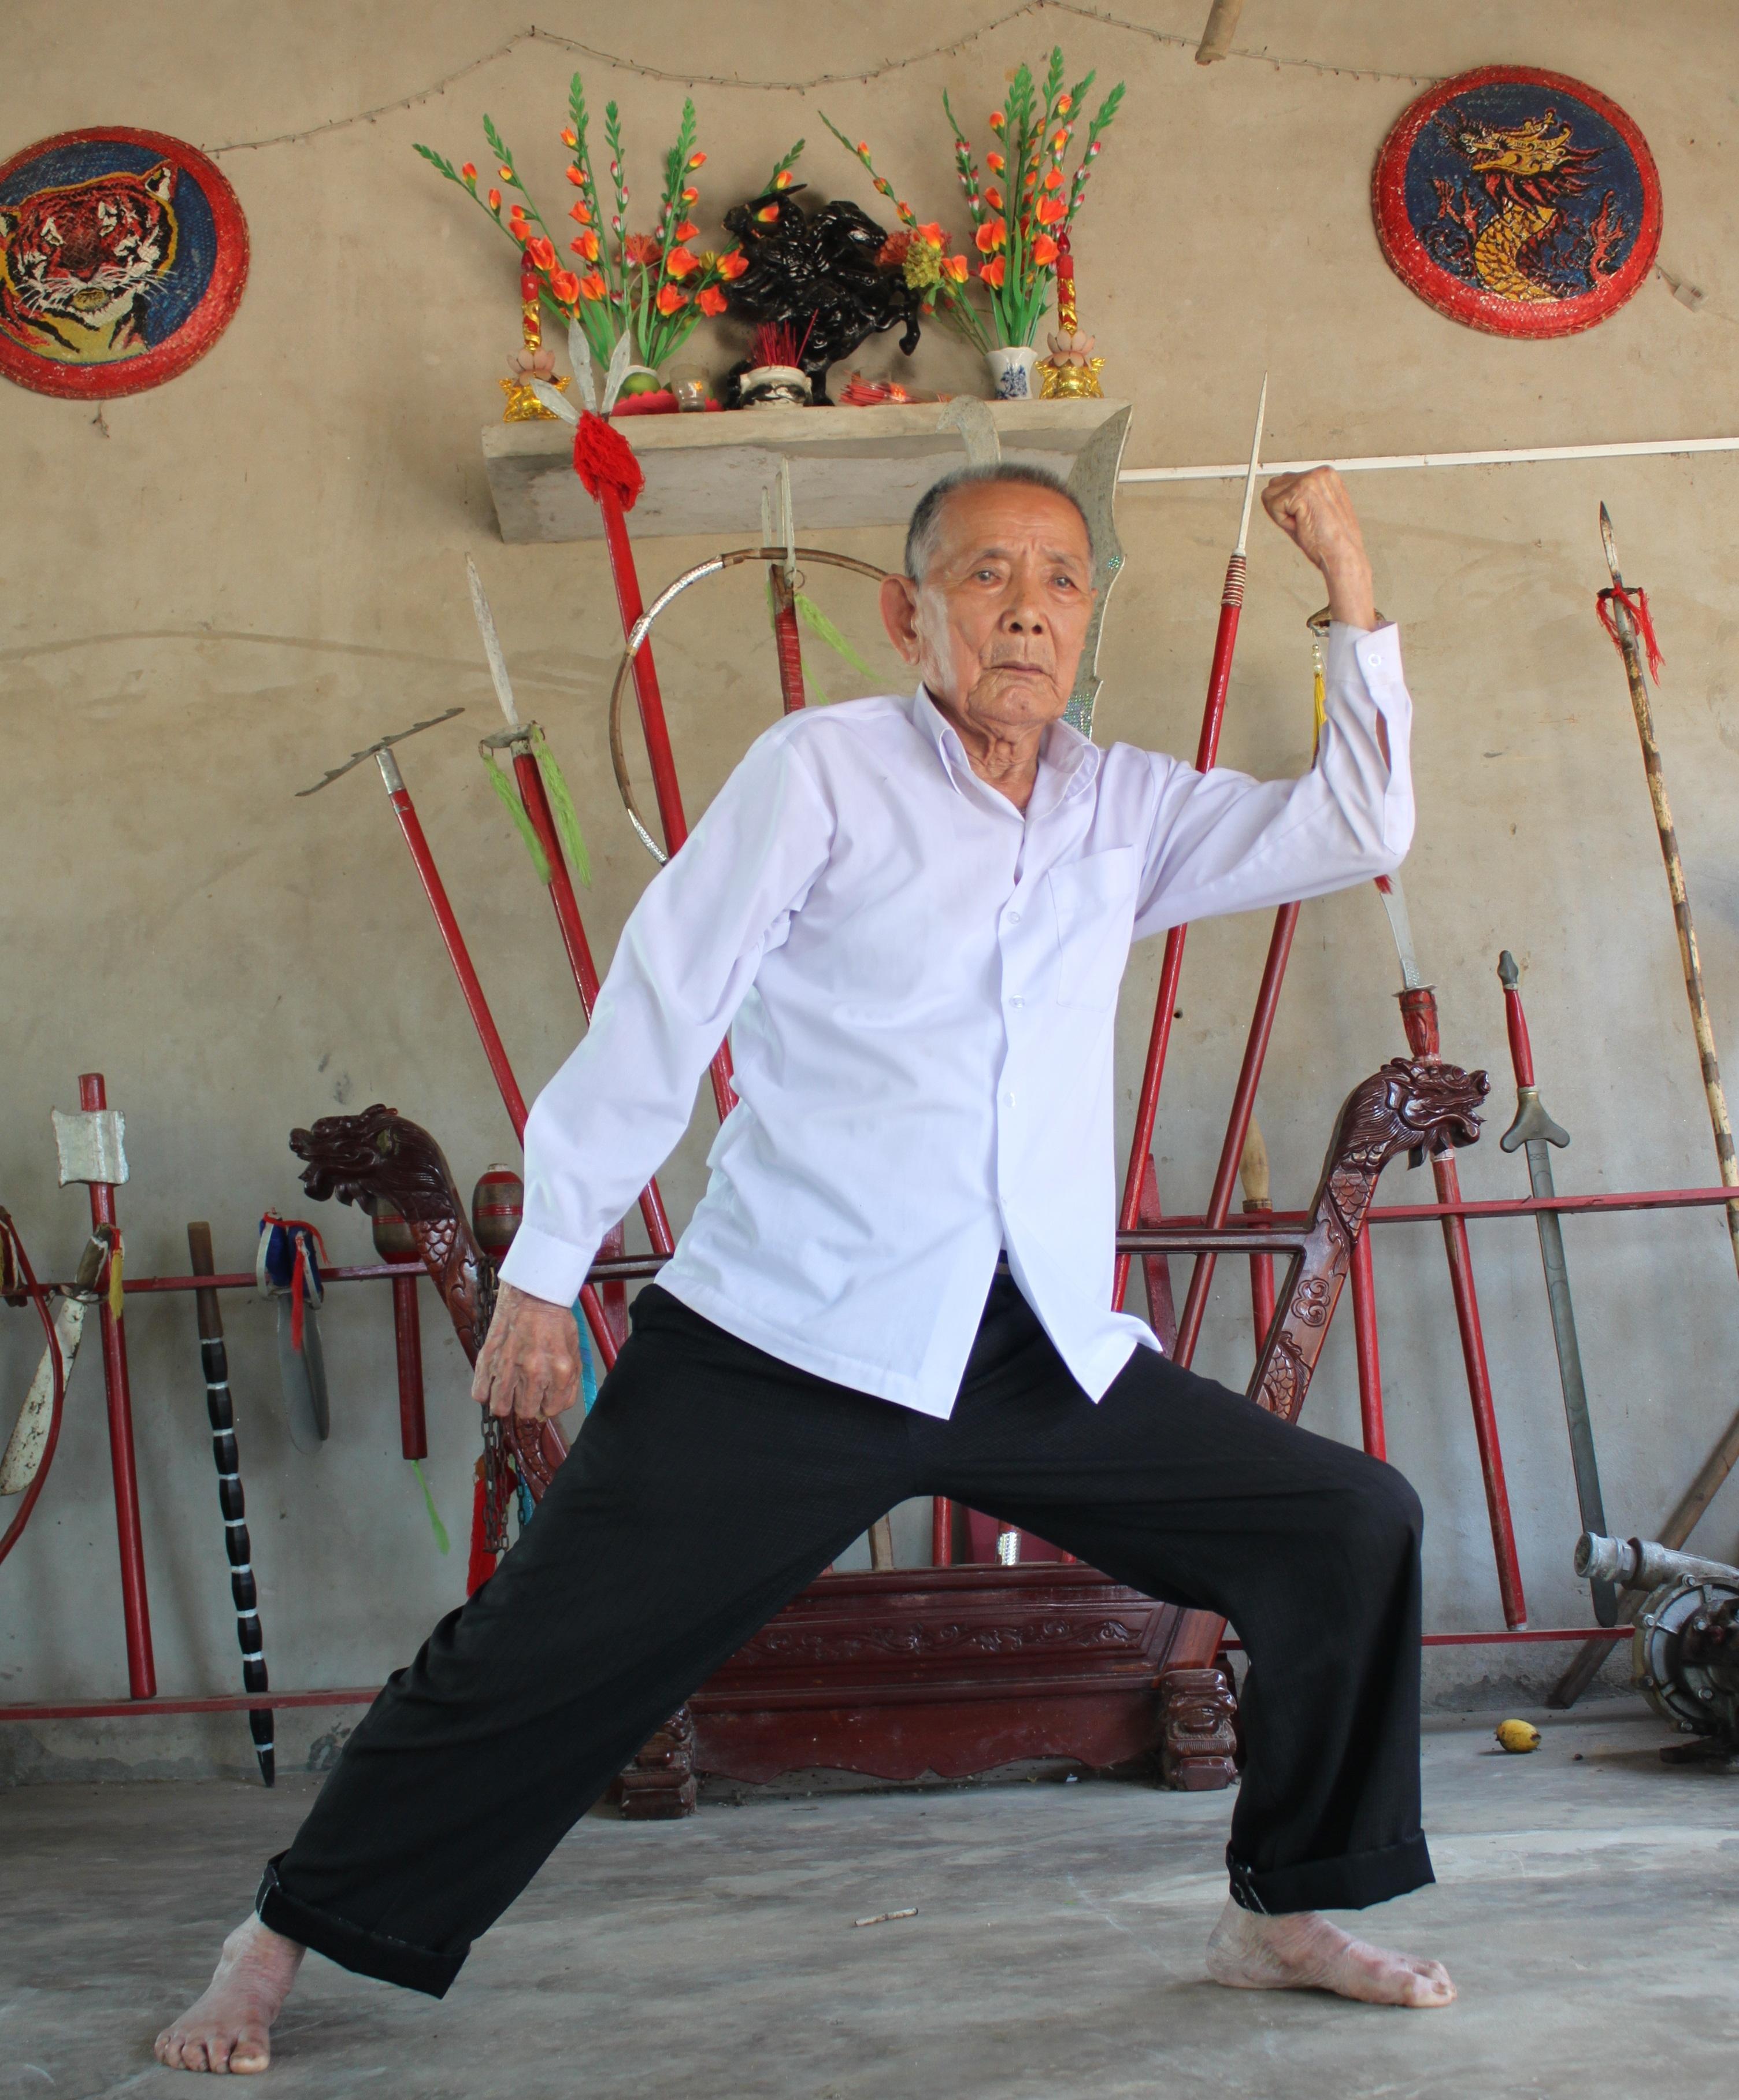 Võ sư Phan Thọ huyện thoại võ thuật Bình Định